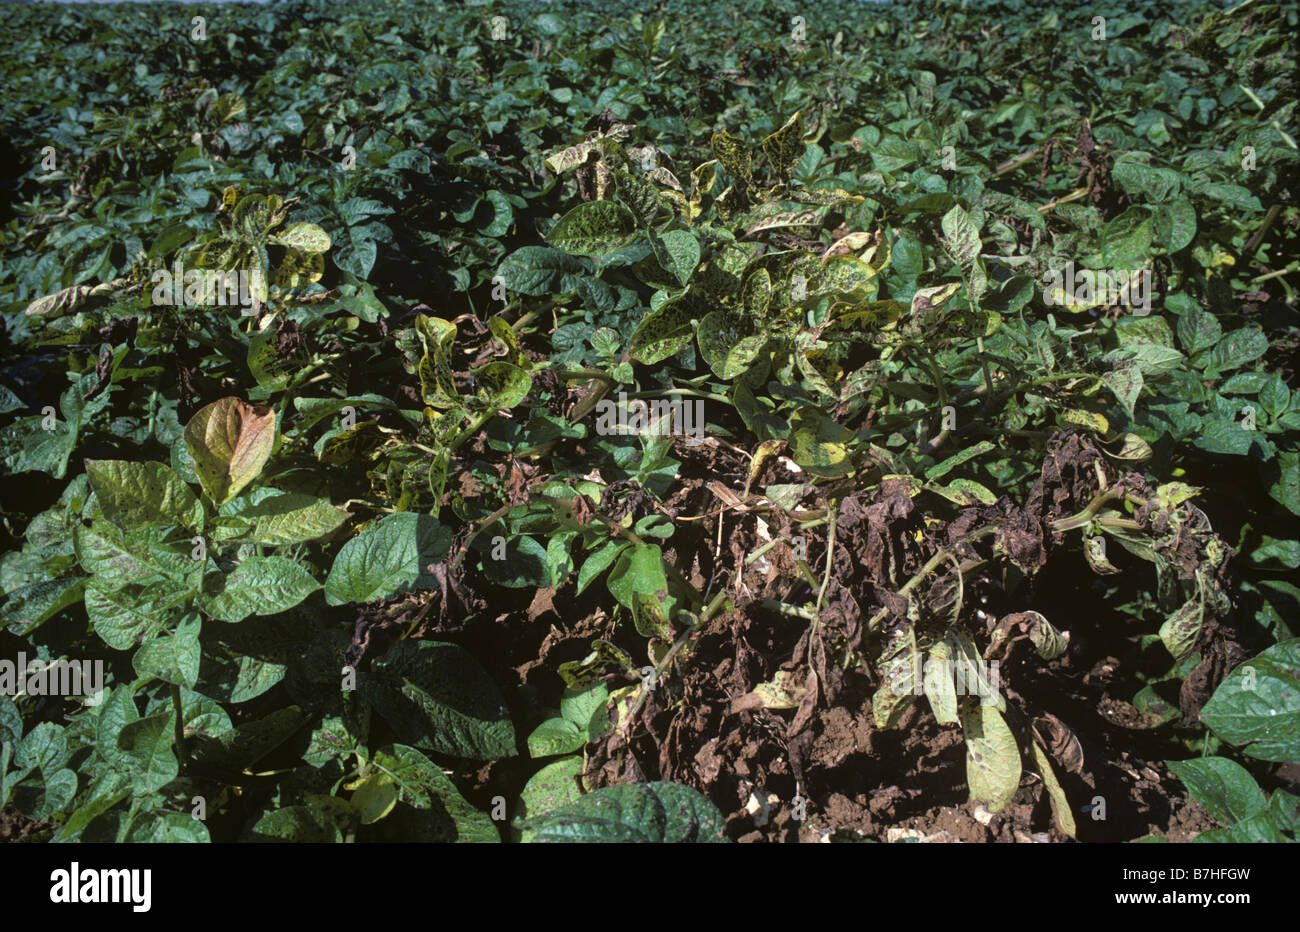 Il raccolto di patate soffre di una grave carenza di magnesio Immagini Stock